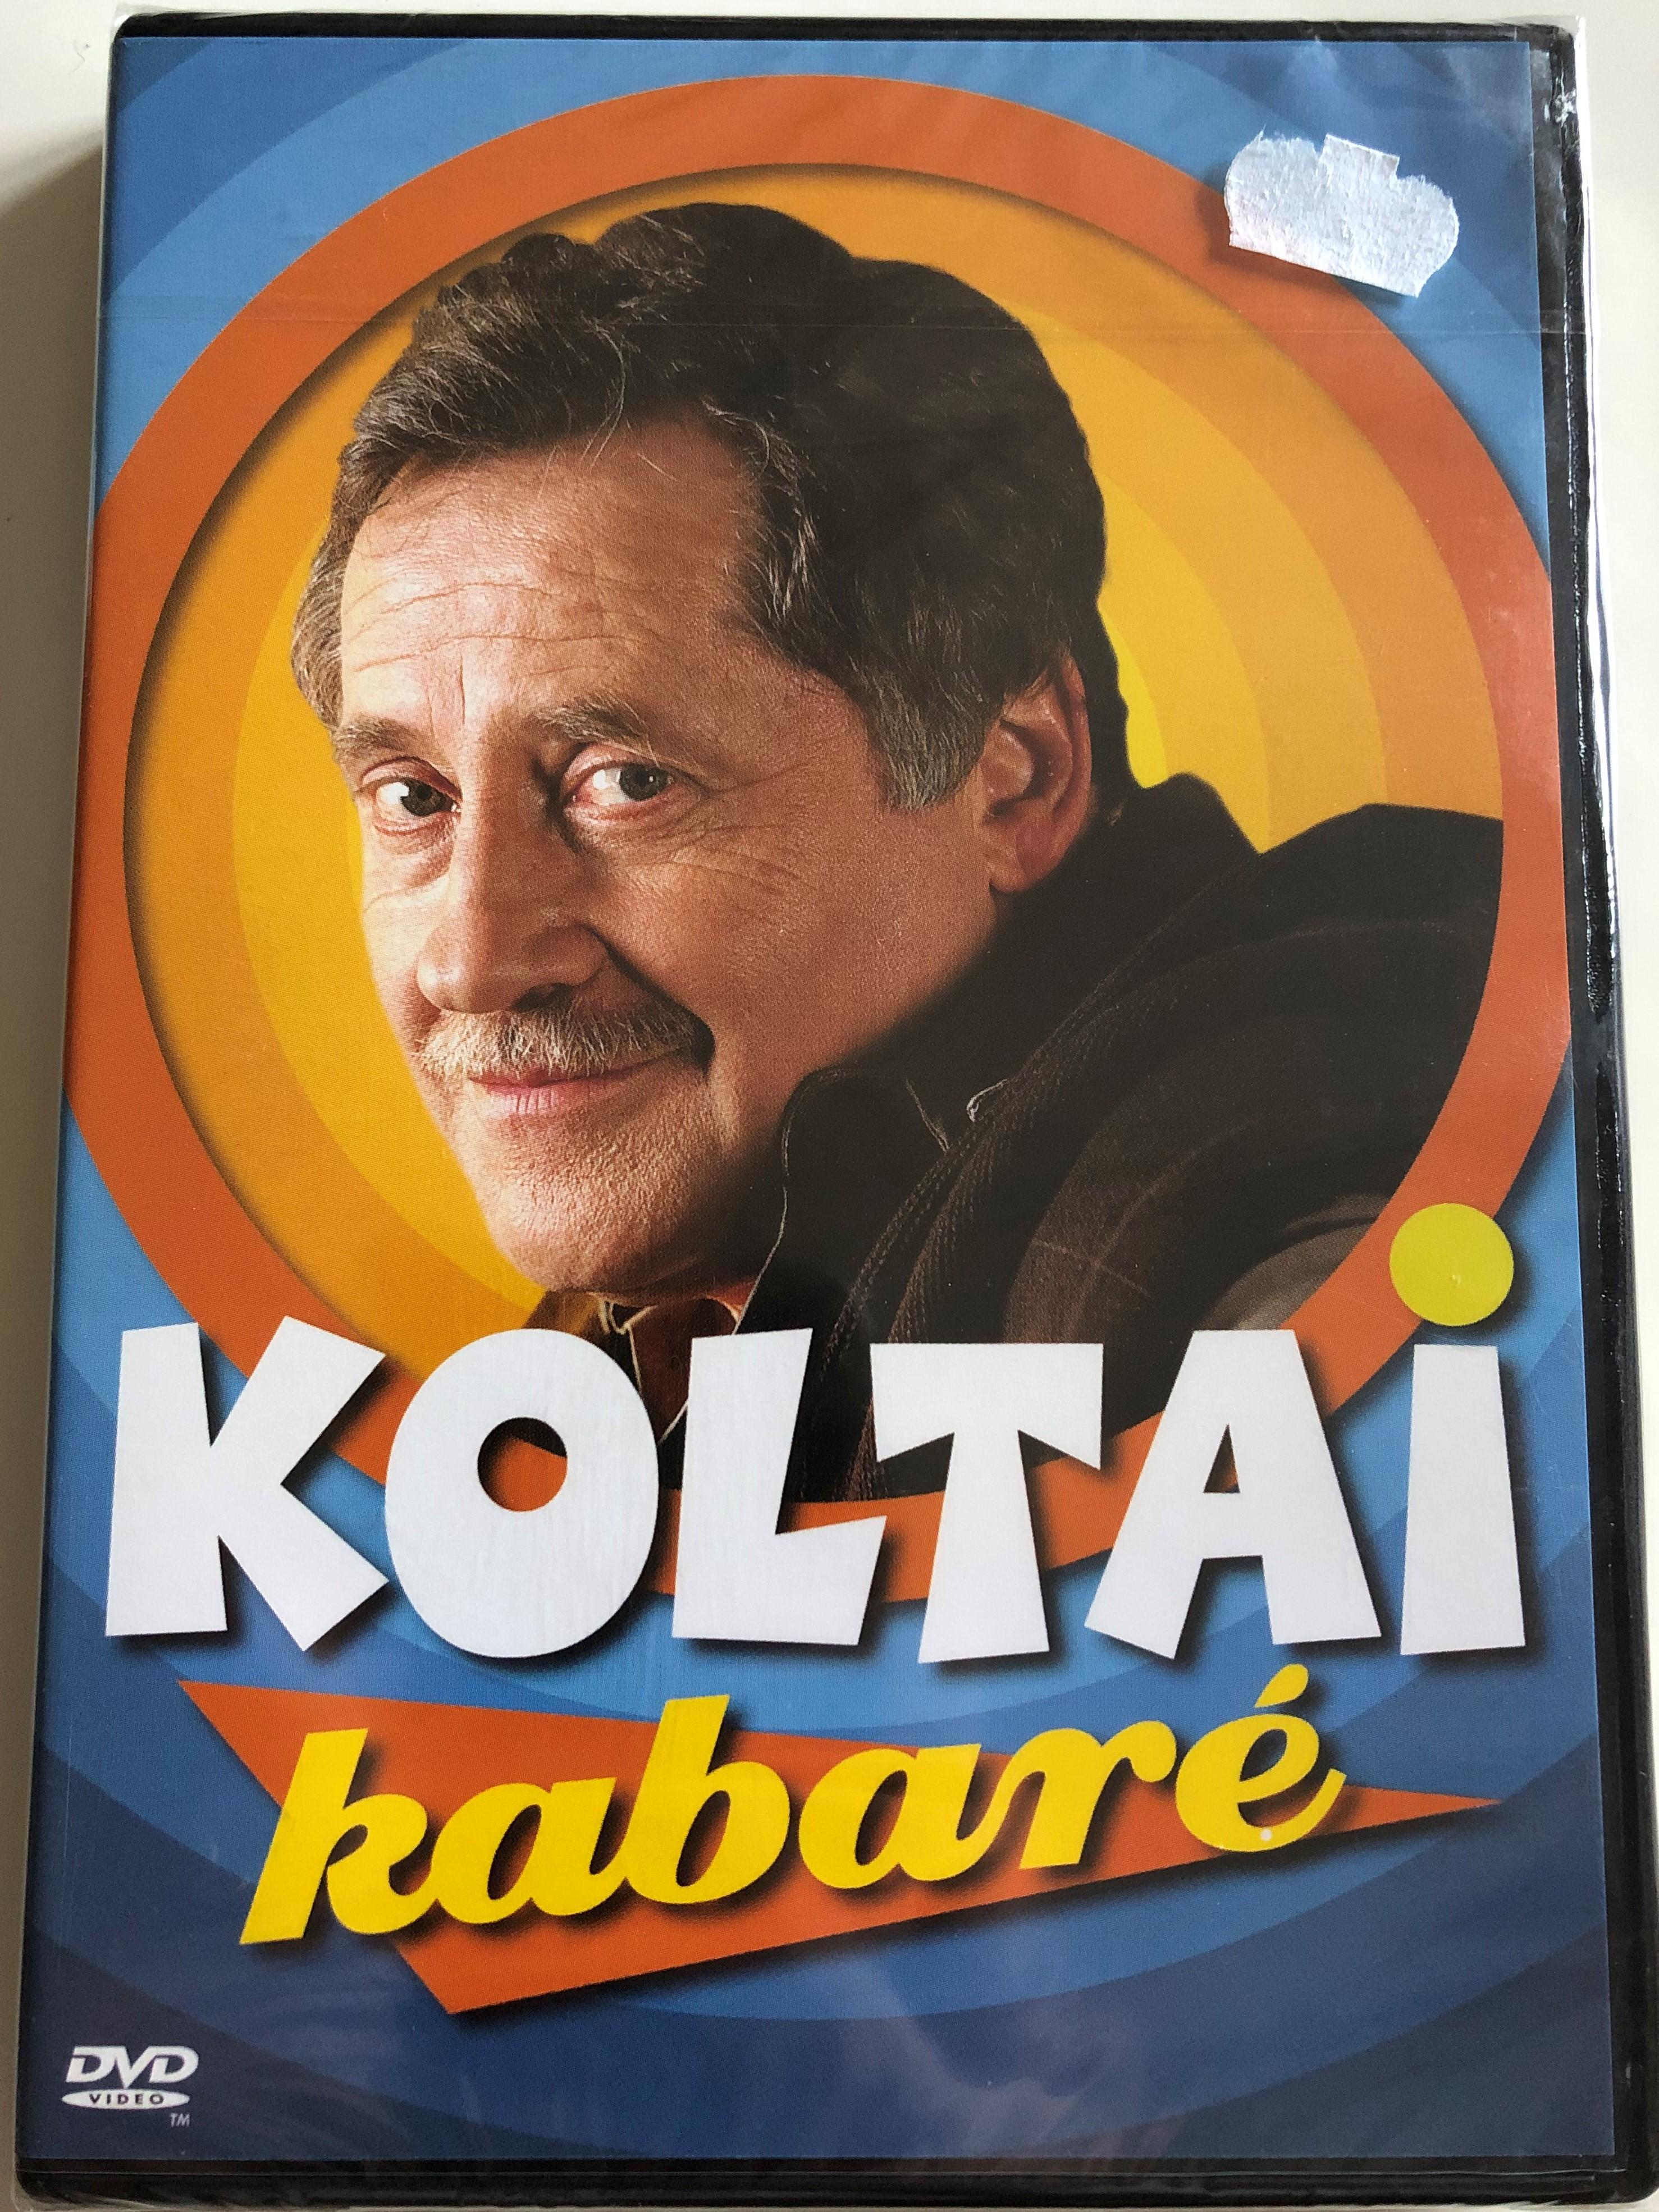 koltai-kabar-dvd-2007-koltai-cabaret-directed-by-szeg-mih-ly-1.jpg